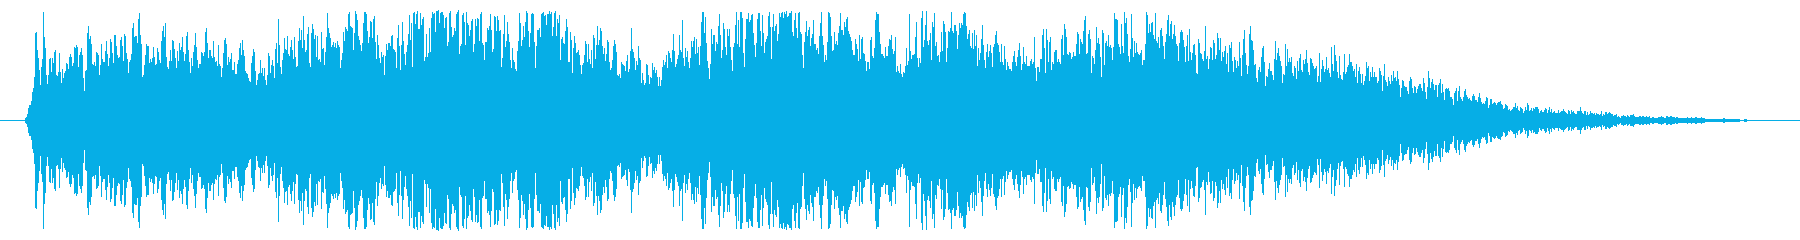 合唱団 ハレルヤショート01の再生済みの波形